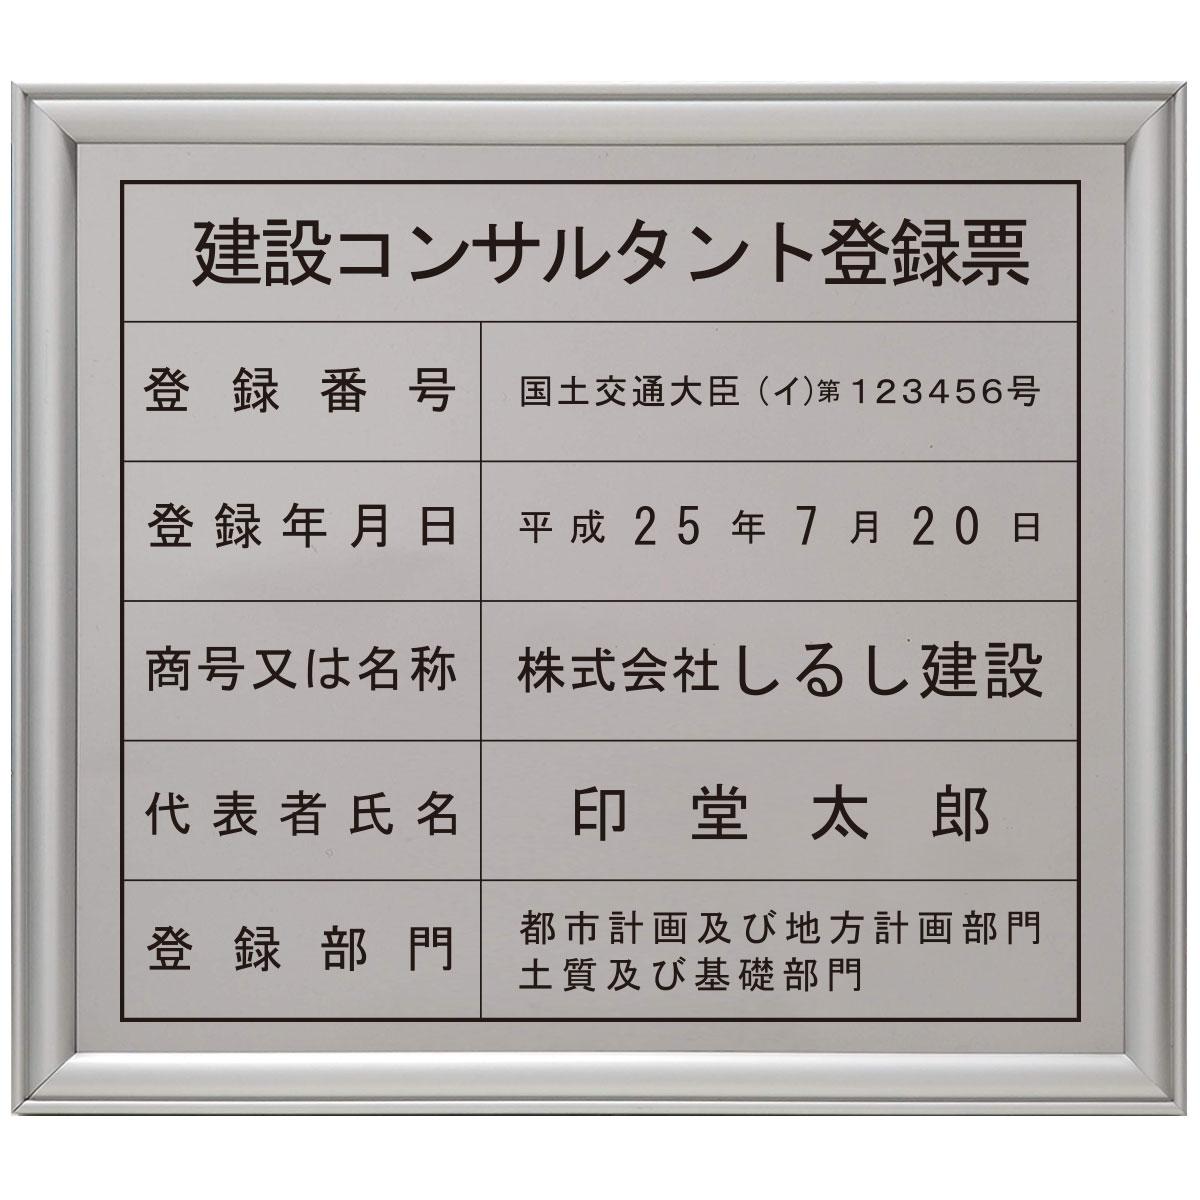 建設コンサルタント登録票ステンレス(SUS30)製プレミアムシルバー /送料無料 店舗 事務所用看板 文字入れ 名入れ 別注品 特注品 看板 法定看板 許可票 建設業の許可票